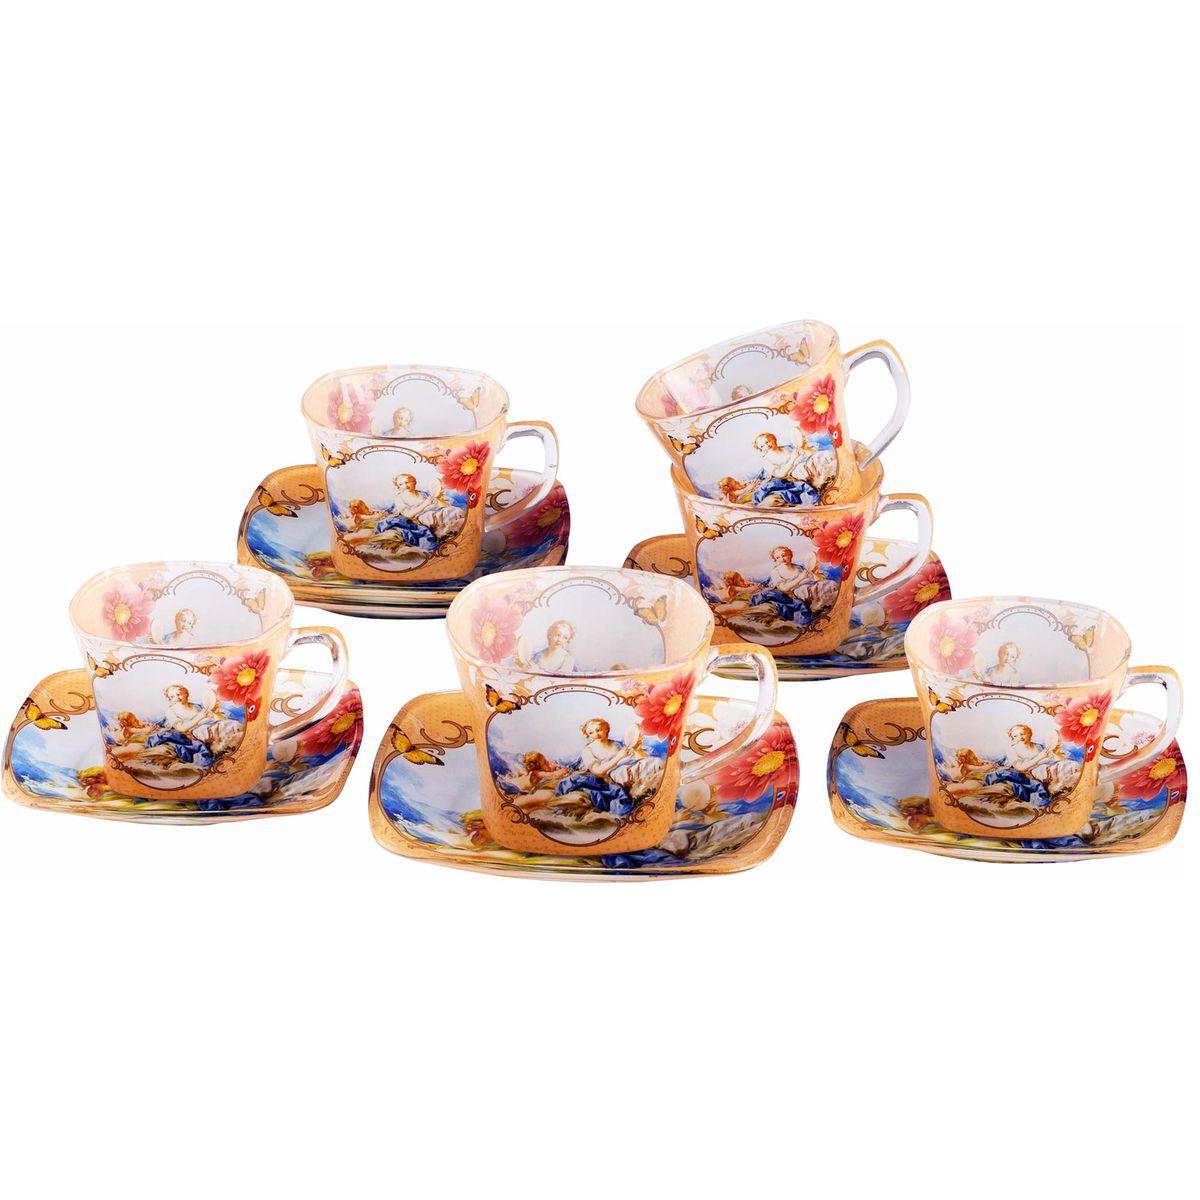 Набор чайный Bekker Koch, цвет: пшеничный, голубой, 12 предметов. BK-5857CM000001328Чайный набор Bekker Koch состоит из шести чашек и шести блюдец, изготовленных из высококачественного стекла. Внешняя поверхность предметов набора матовая с прозрачными вставками. Изделия оформлены изящным изображением ангелов и цветков. Изящный набор эффектно украсит стол к чаепитию и порадует вас функциональностью и ярким дизайном. Объем чашки: 200 мл. Диаметр (по верхнему краю): 8 см. Высота чашки: 6,5 см. Диаметр блюдца: 13,5 см. Не применять абразивные чистящие средства. Не использовать в микроволновой печи. Мыть с применением нейтральных моющих средств. Нельзя мыть в посудомоечных машинах.